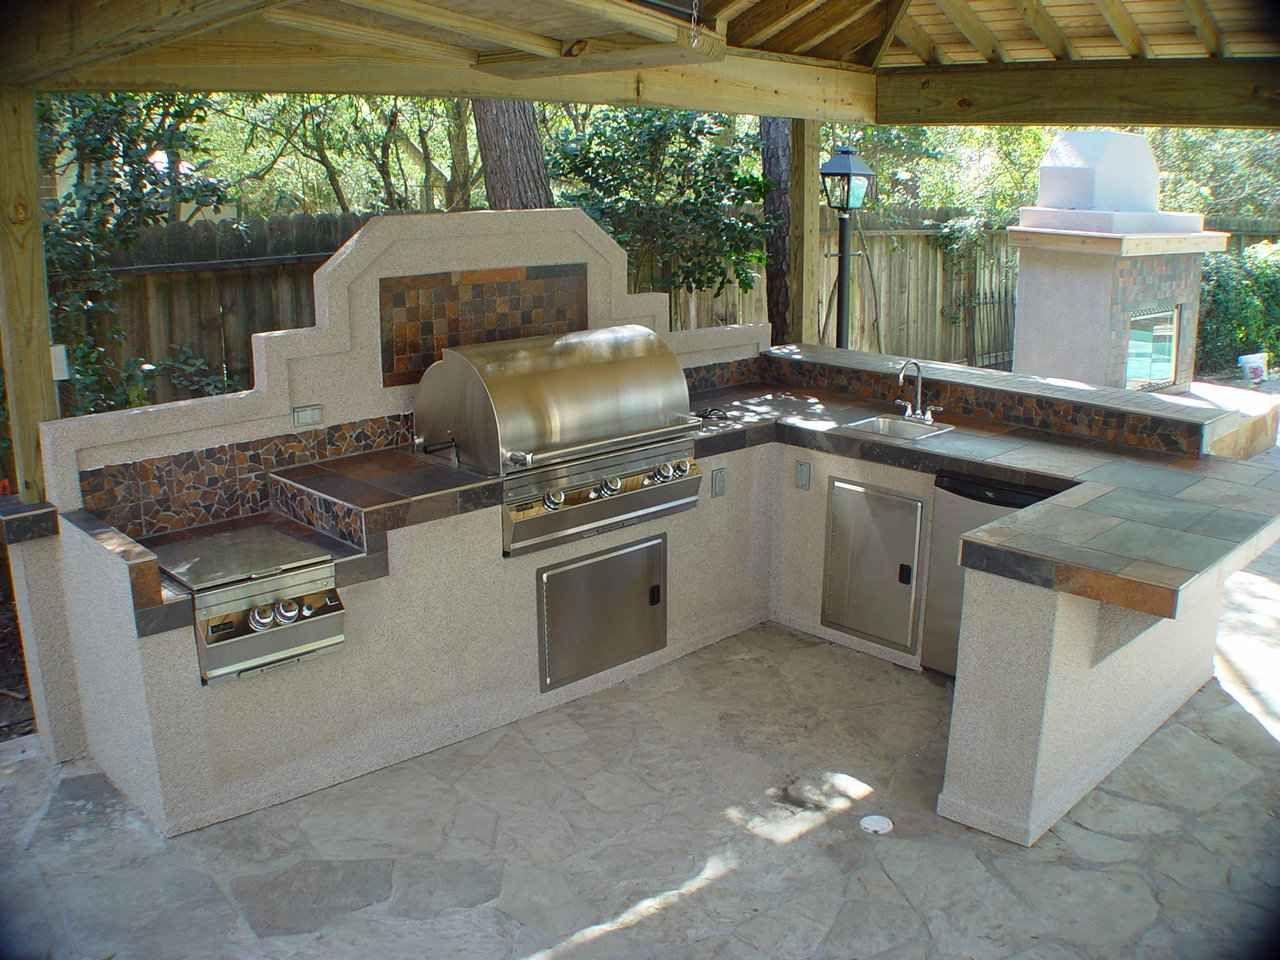 20 fancy modular outdoor kitchen designs   dream yard   outdoor